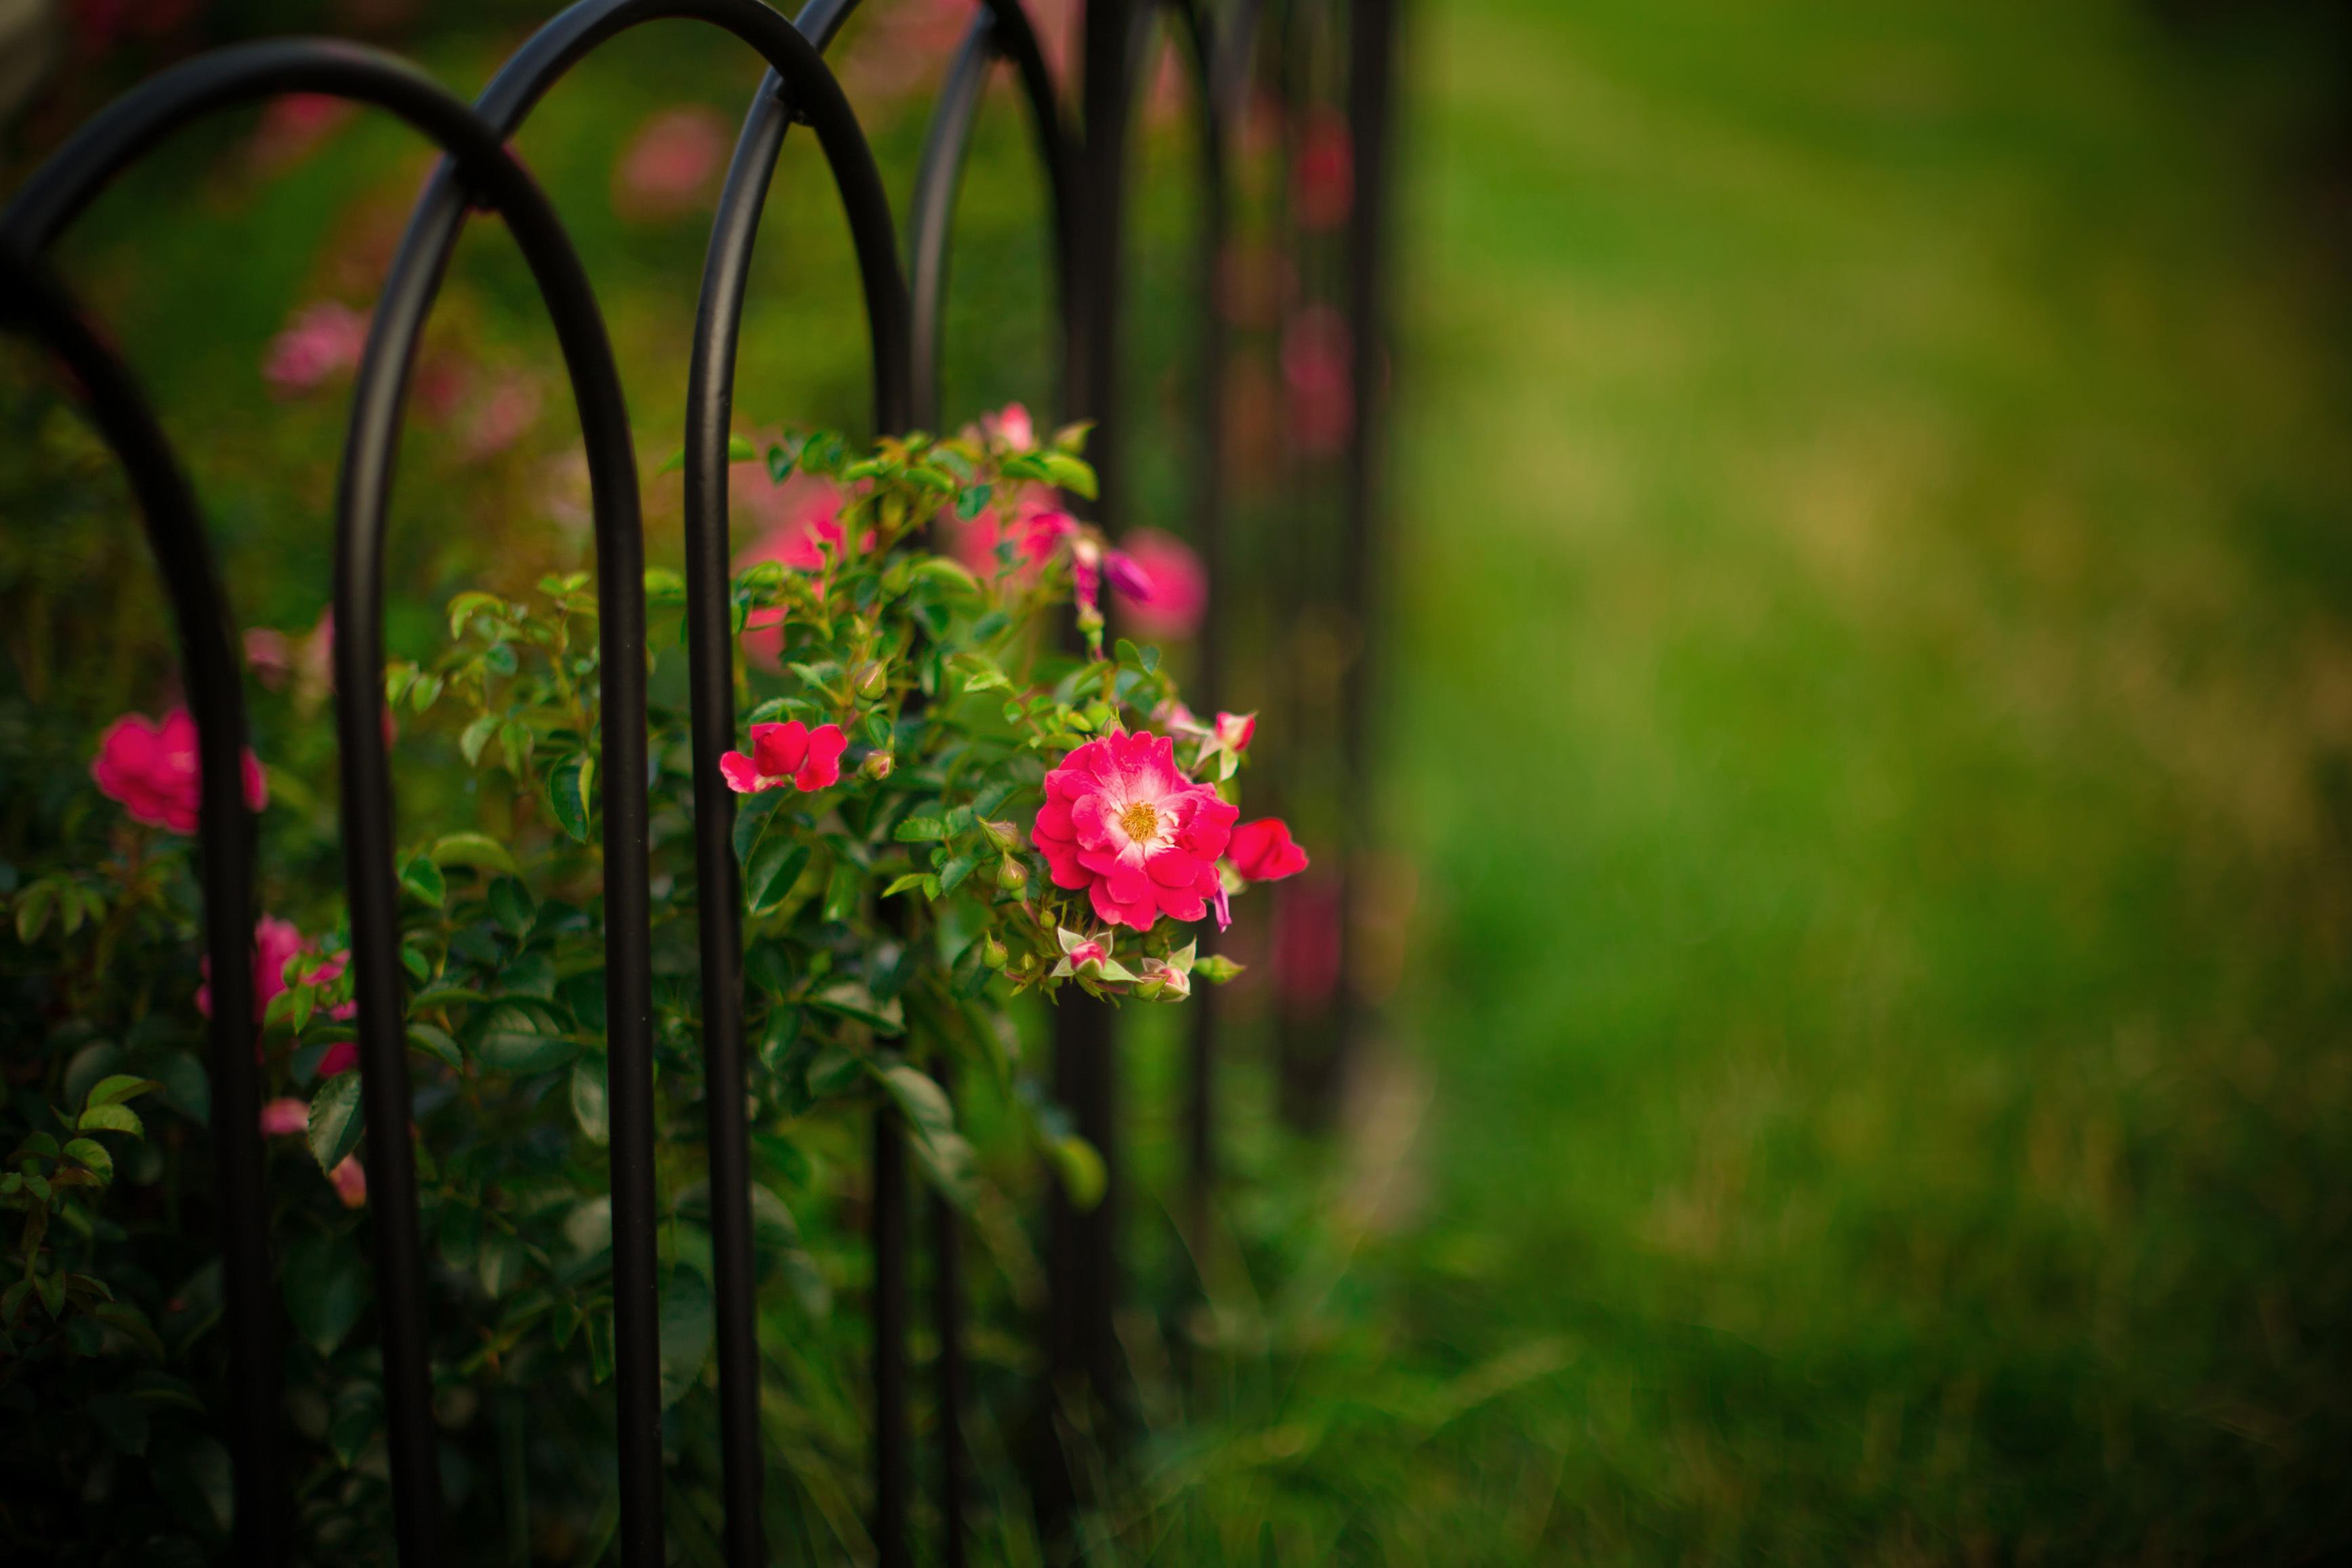 фото красивый розы в лес огне